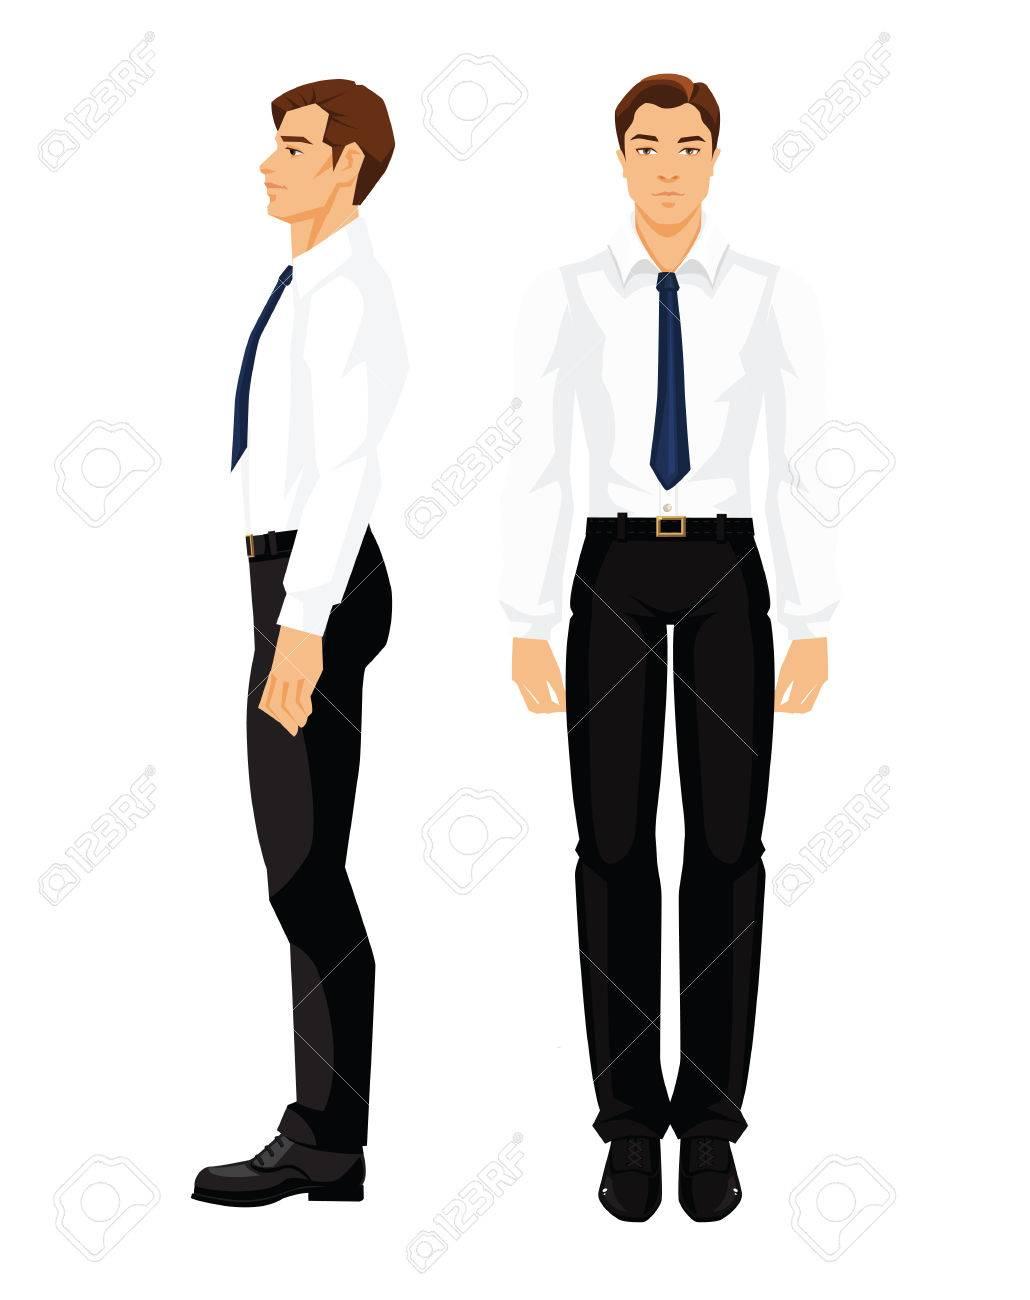 Negros Sobre Del En De Y Ilustración Aislados Camisa Hombre Figura La Formal Fondo Negocios BlancoVarias Blanca Vueltas Vectorial Pantalones 0X8OnPkNw